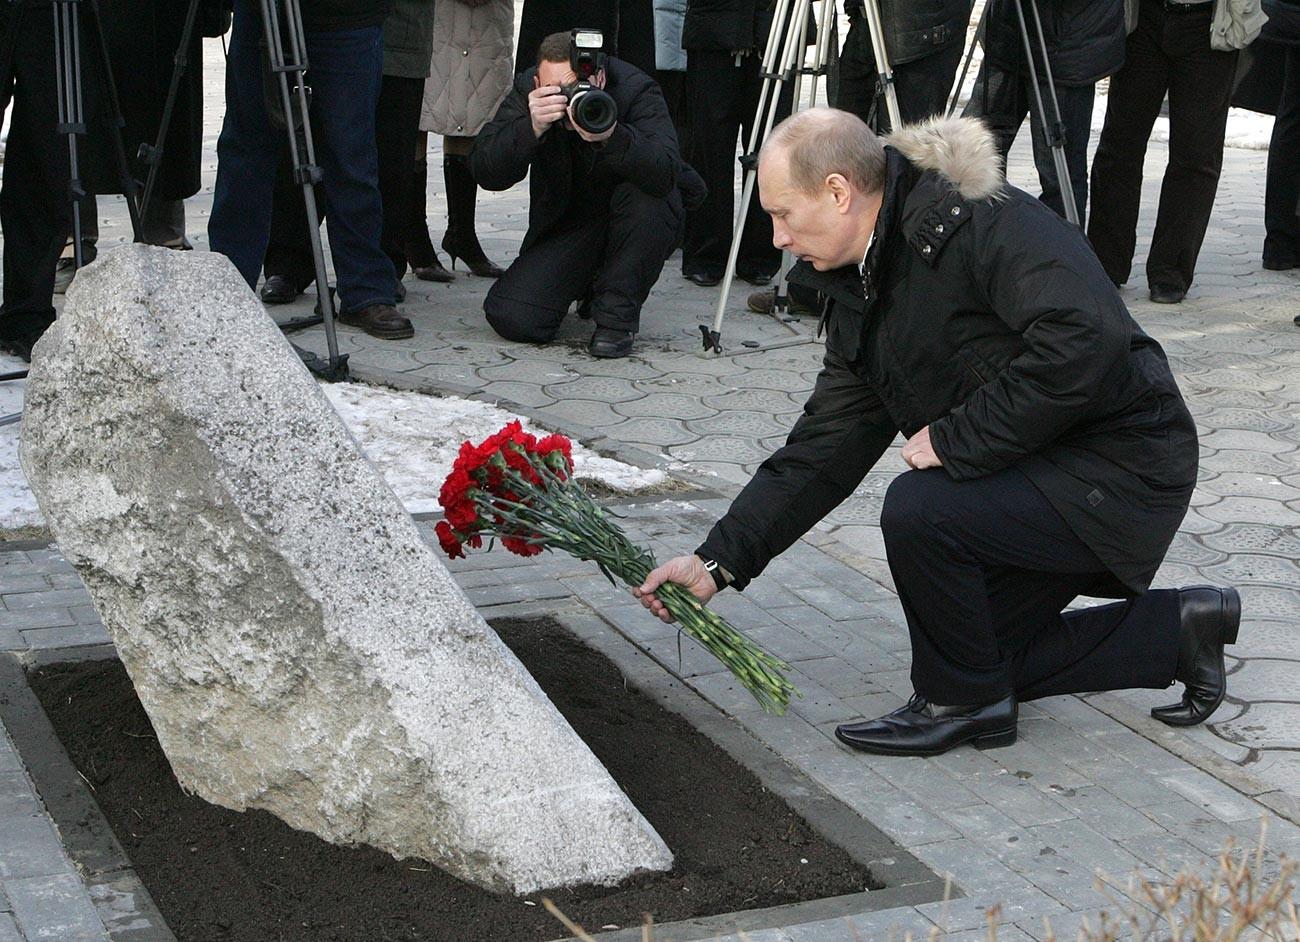 Председник Русије Владимир Путин полаже цвеће испред спомен-камена жртвама догађаја из 1962. године у престоници козаштва. Новочеркаск, 1. фебруар.